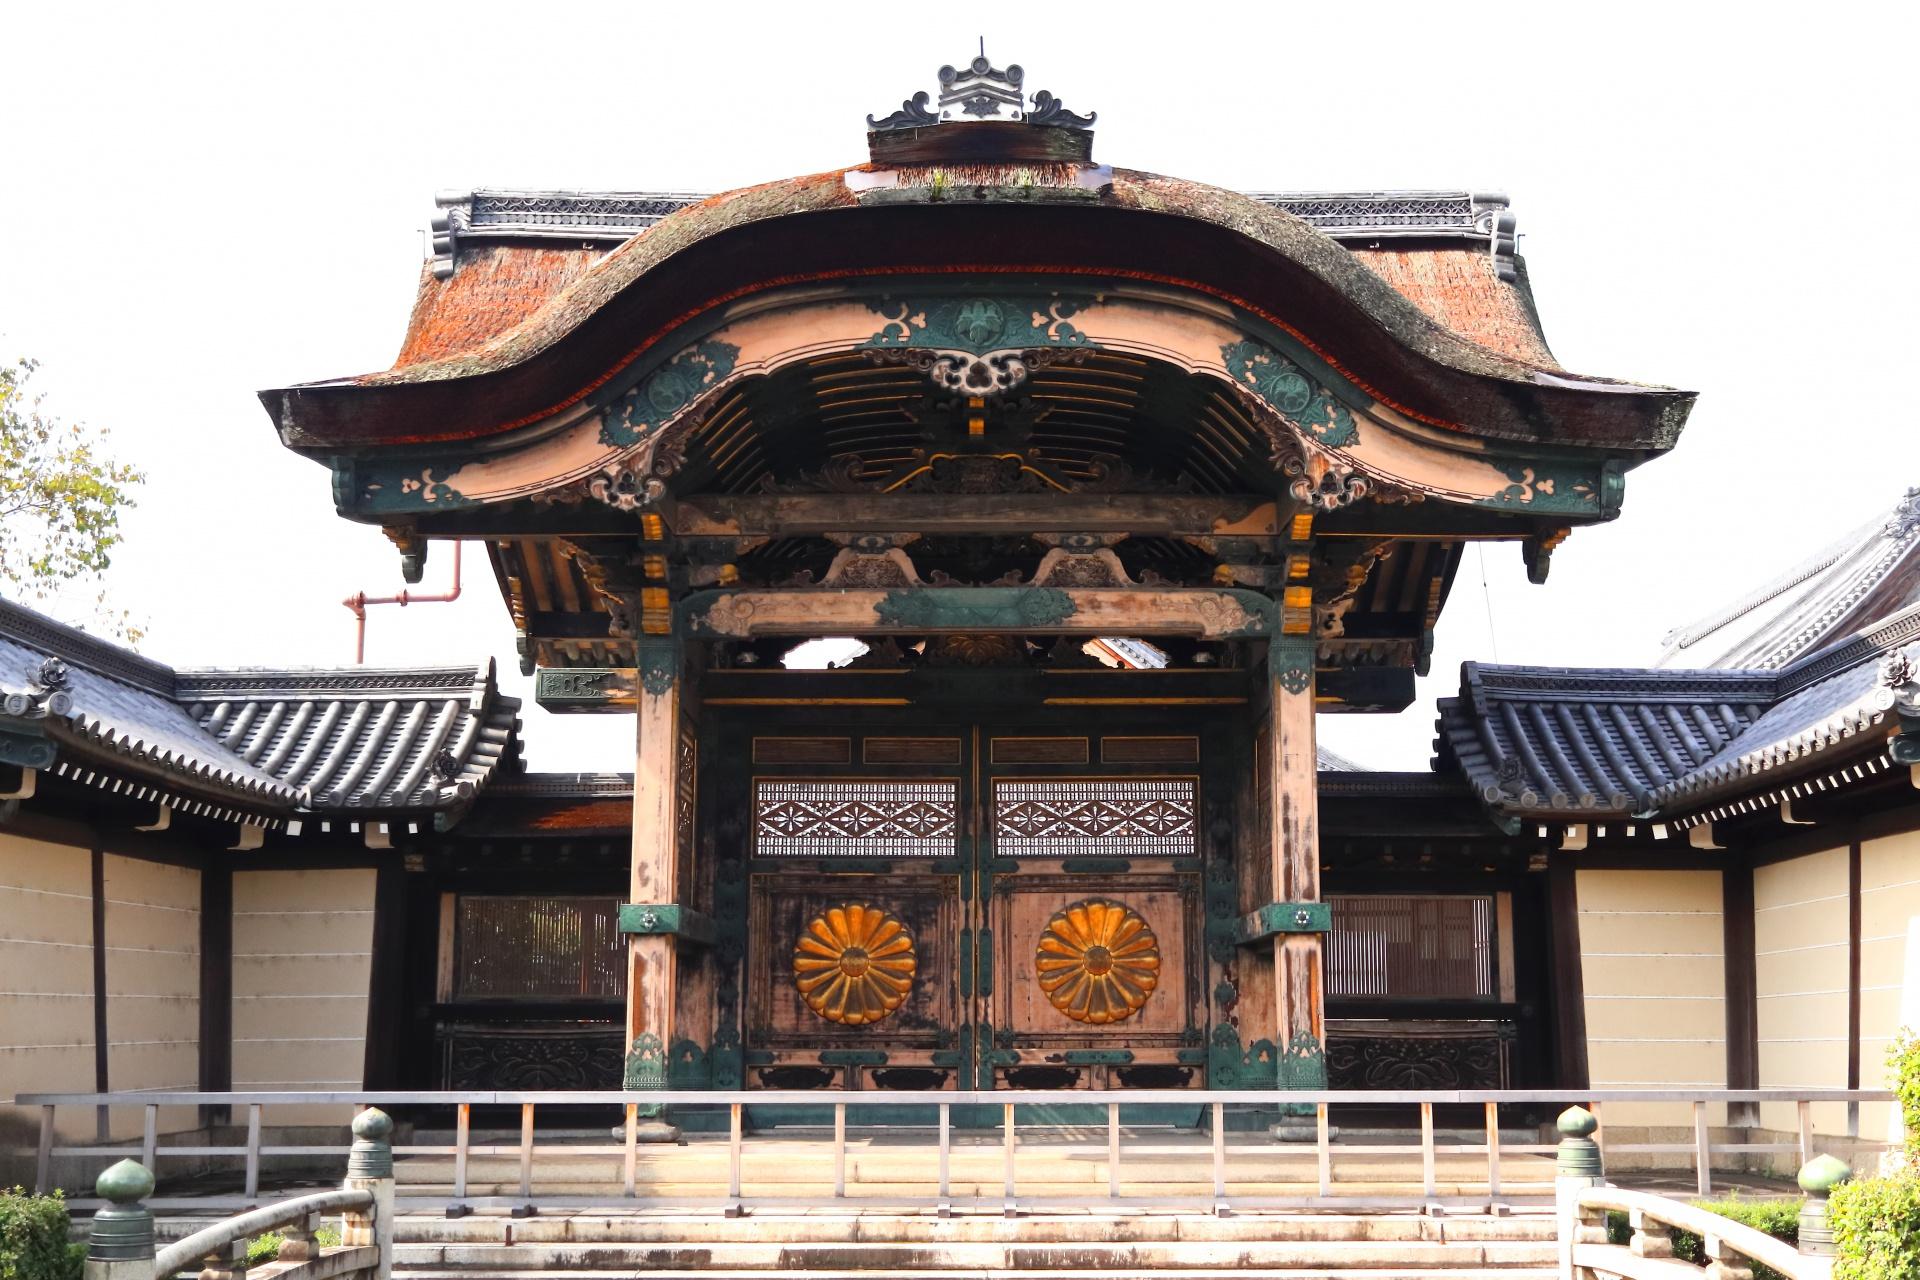 東本願寺勅使門 (ひがしほんがんじちょくしもん) 登録有形文化財